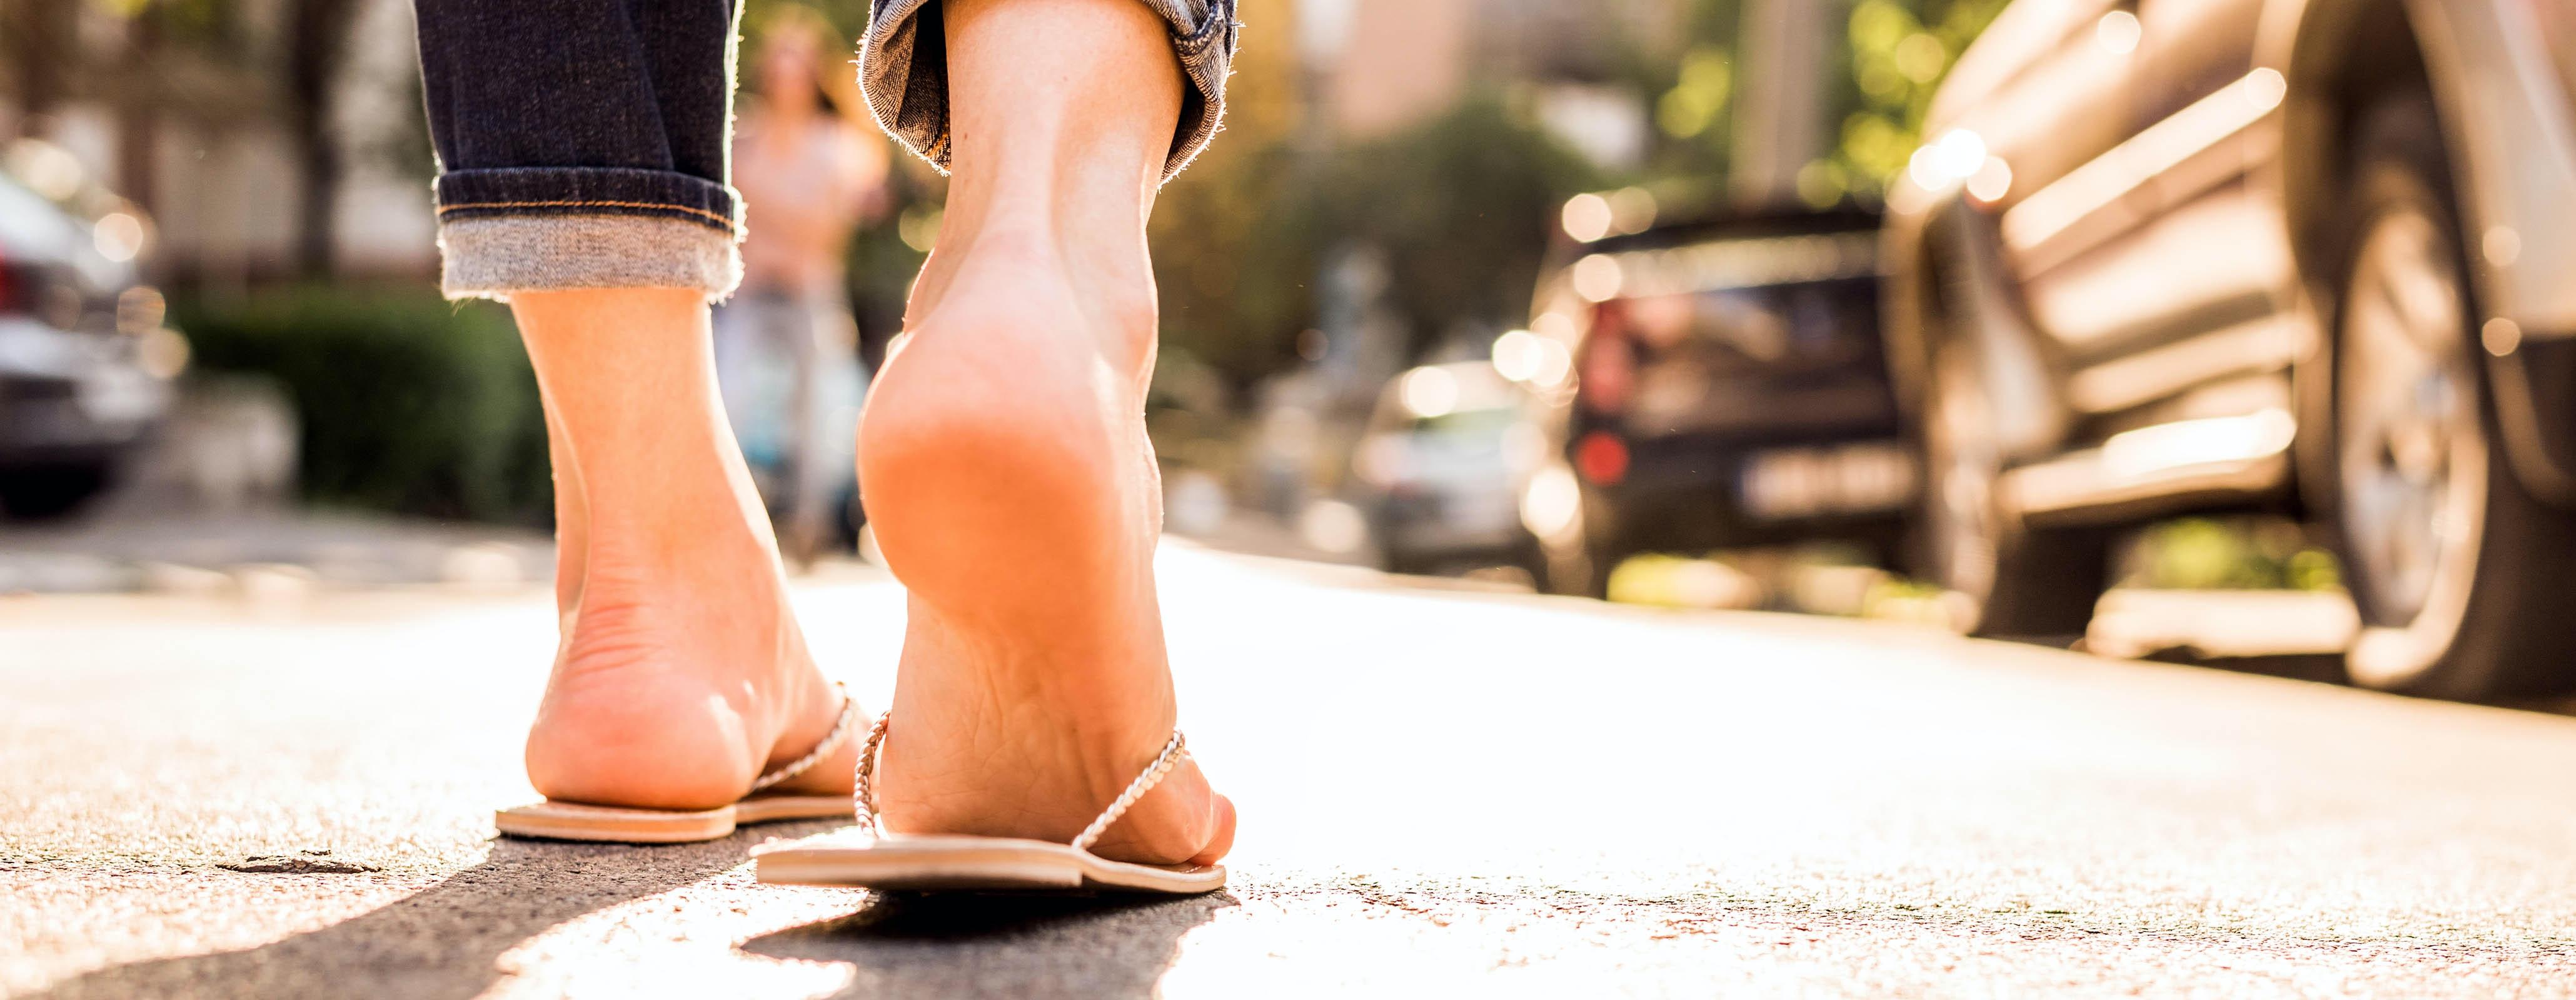 Voeten met slippers